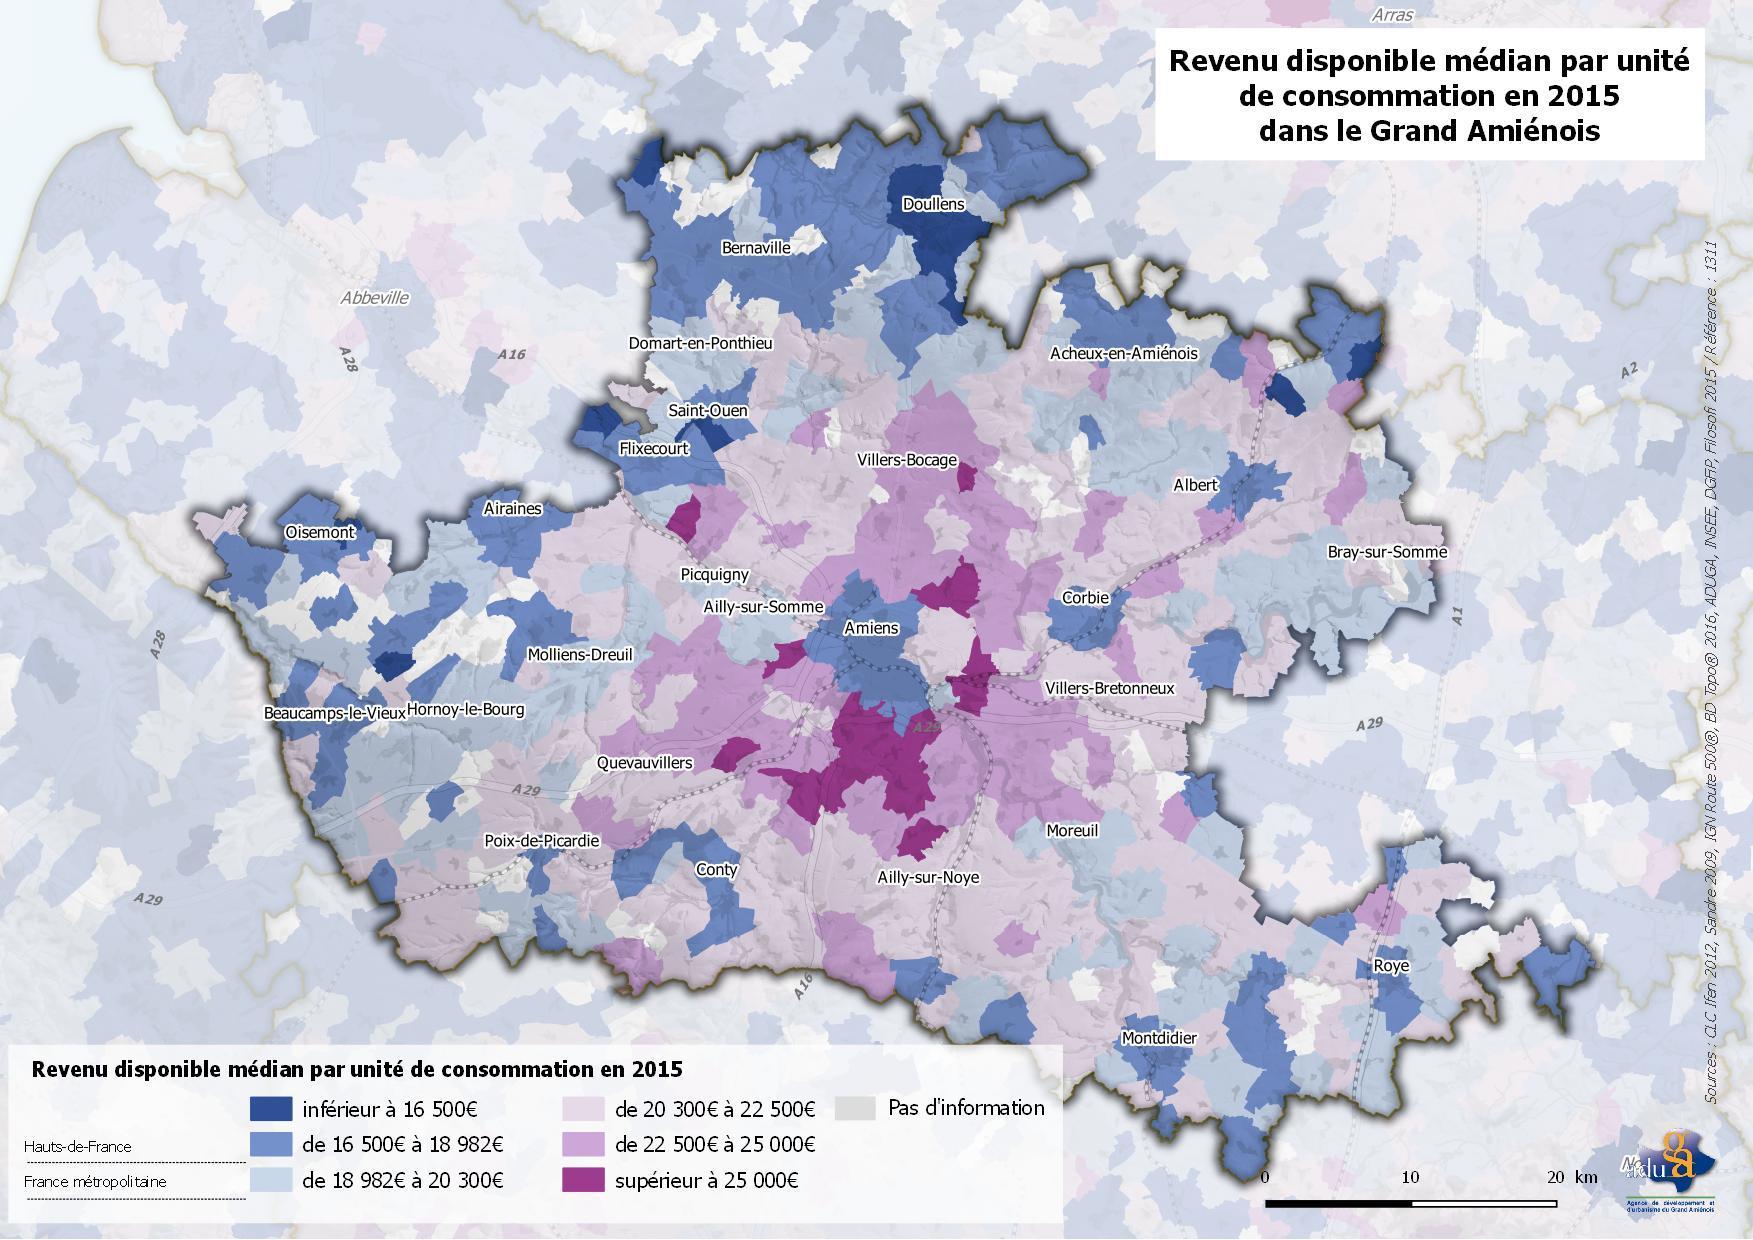 La carte du mois : Une très grande hétérogénéité des niveaux de vie